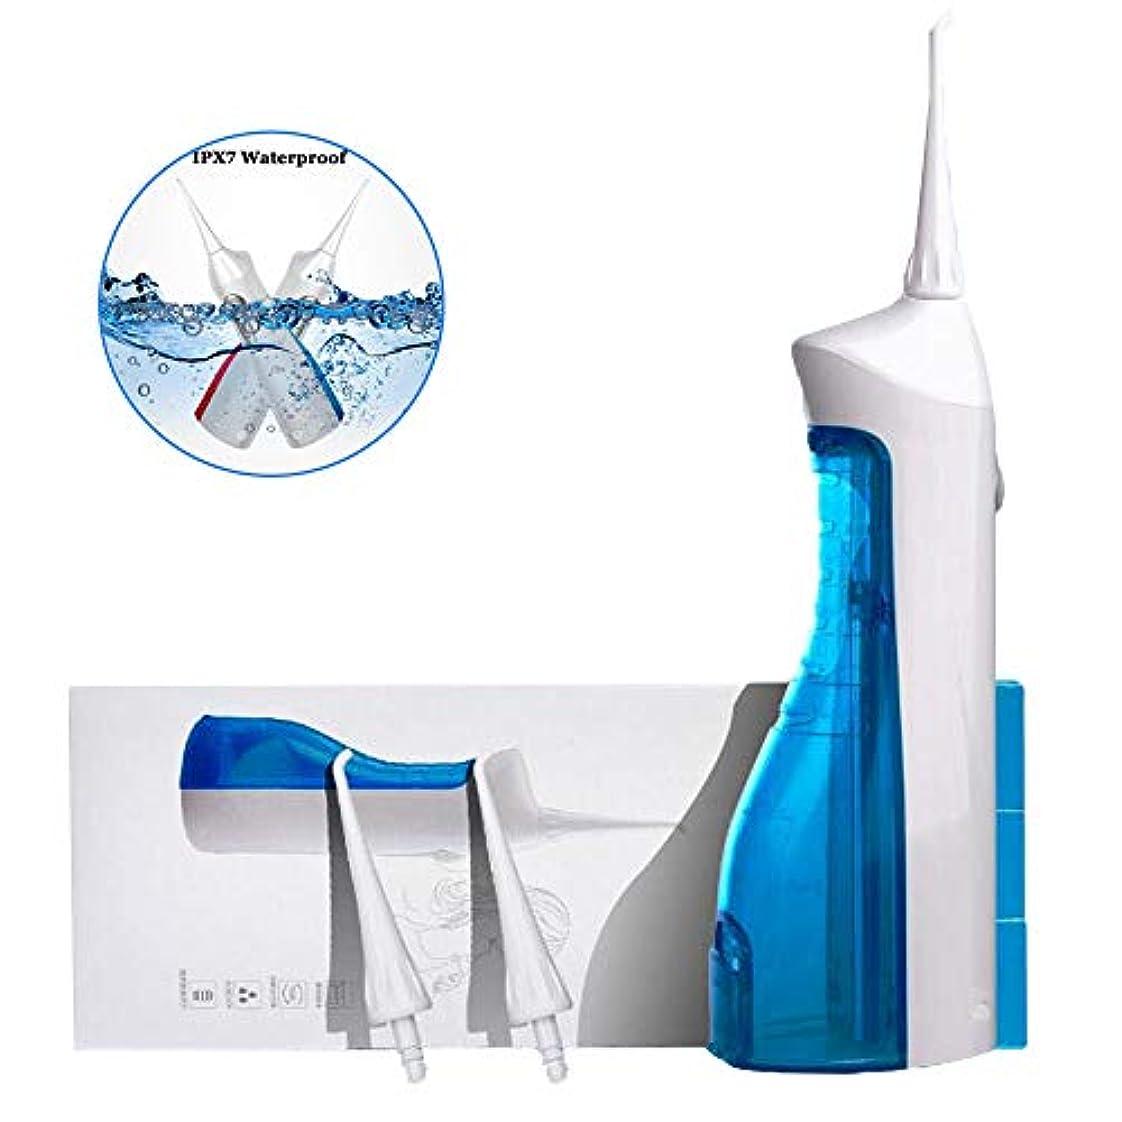 狼緊張スーパーマーケット歯用ウォーターフロッサー、ポータブルプロフェッショナルコードレス歯科口腔洗浄器、150mlタンク、2本のジェットチップ付き歯磨き粉用クリーナー、2つのクリーニングモード、USB充電式、IPX7防水